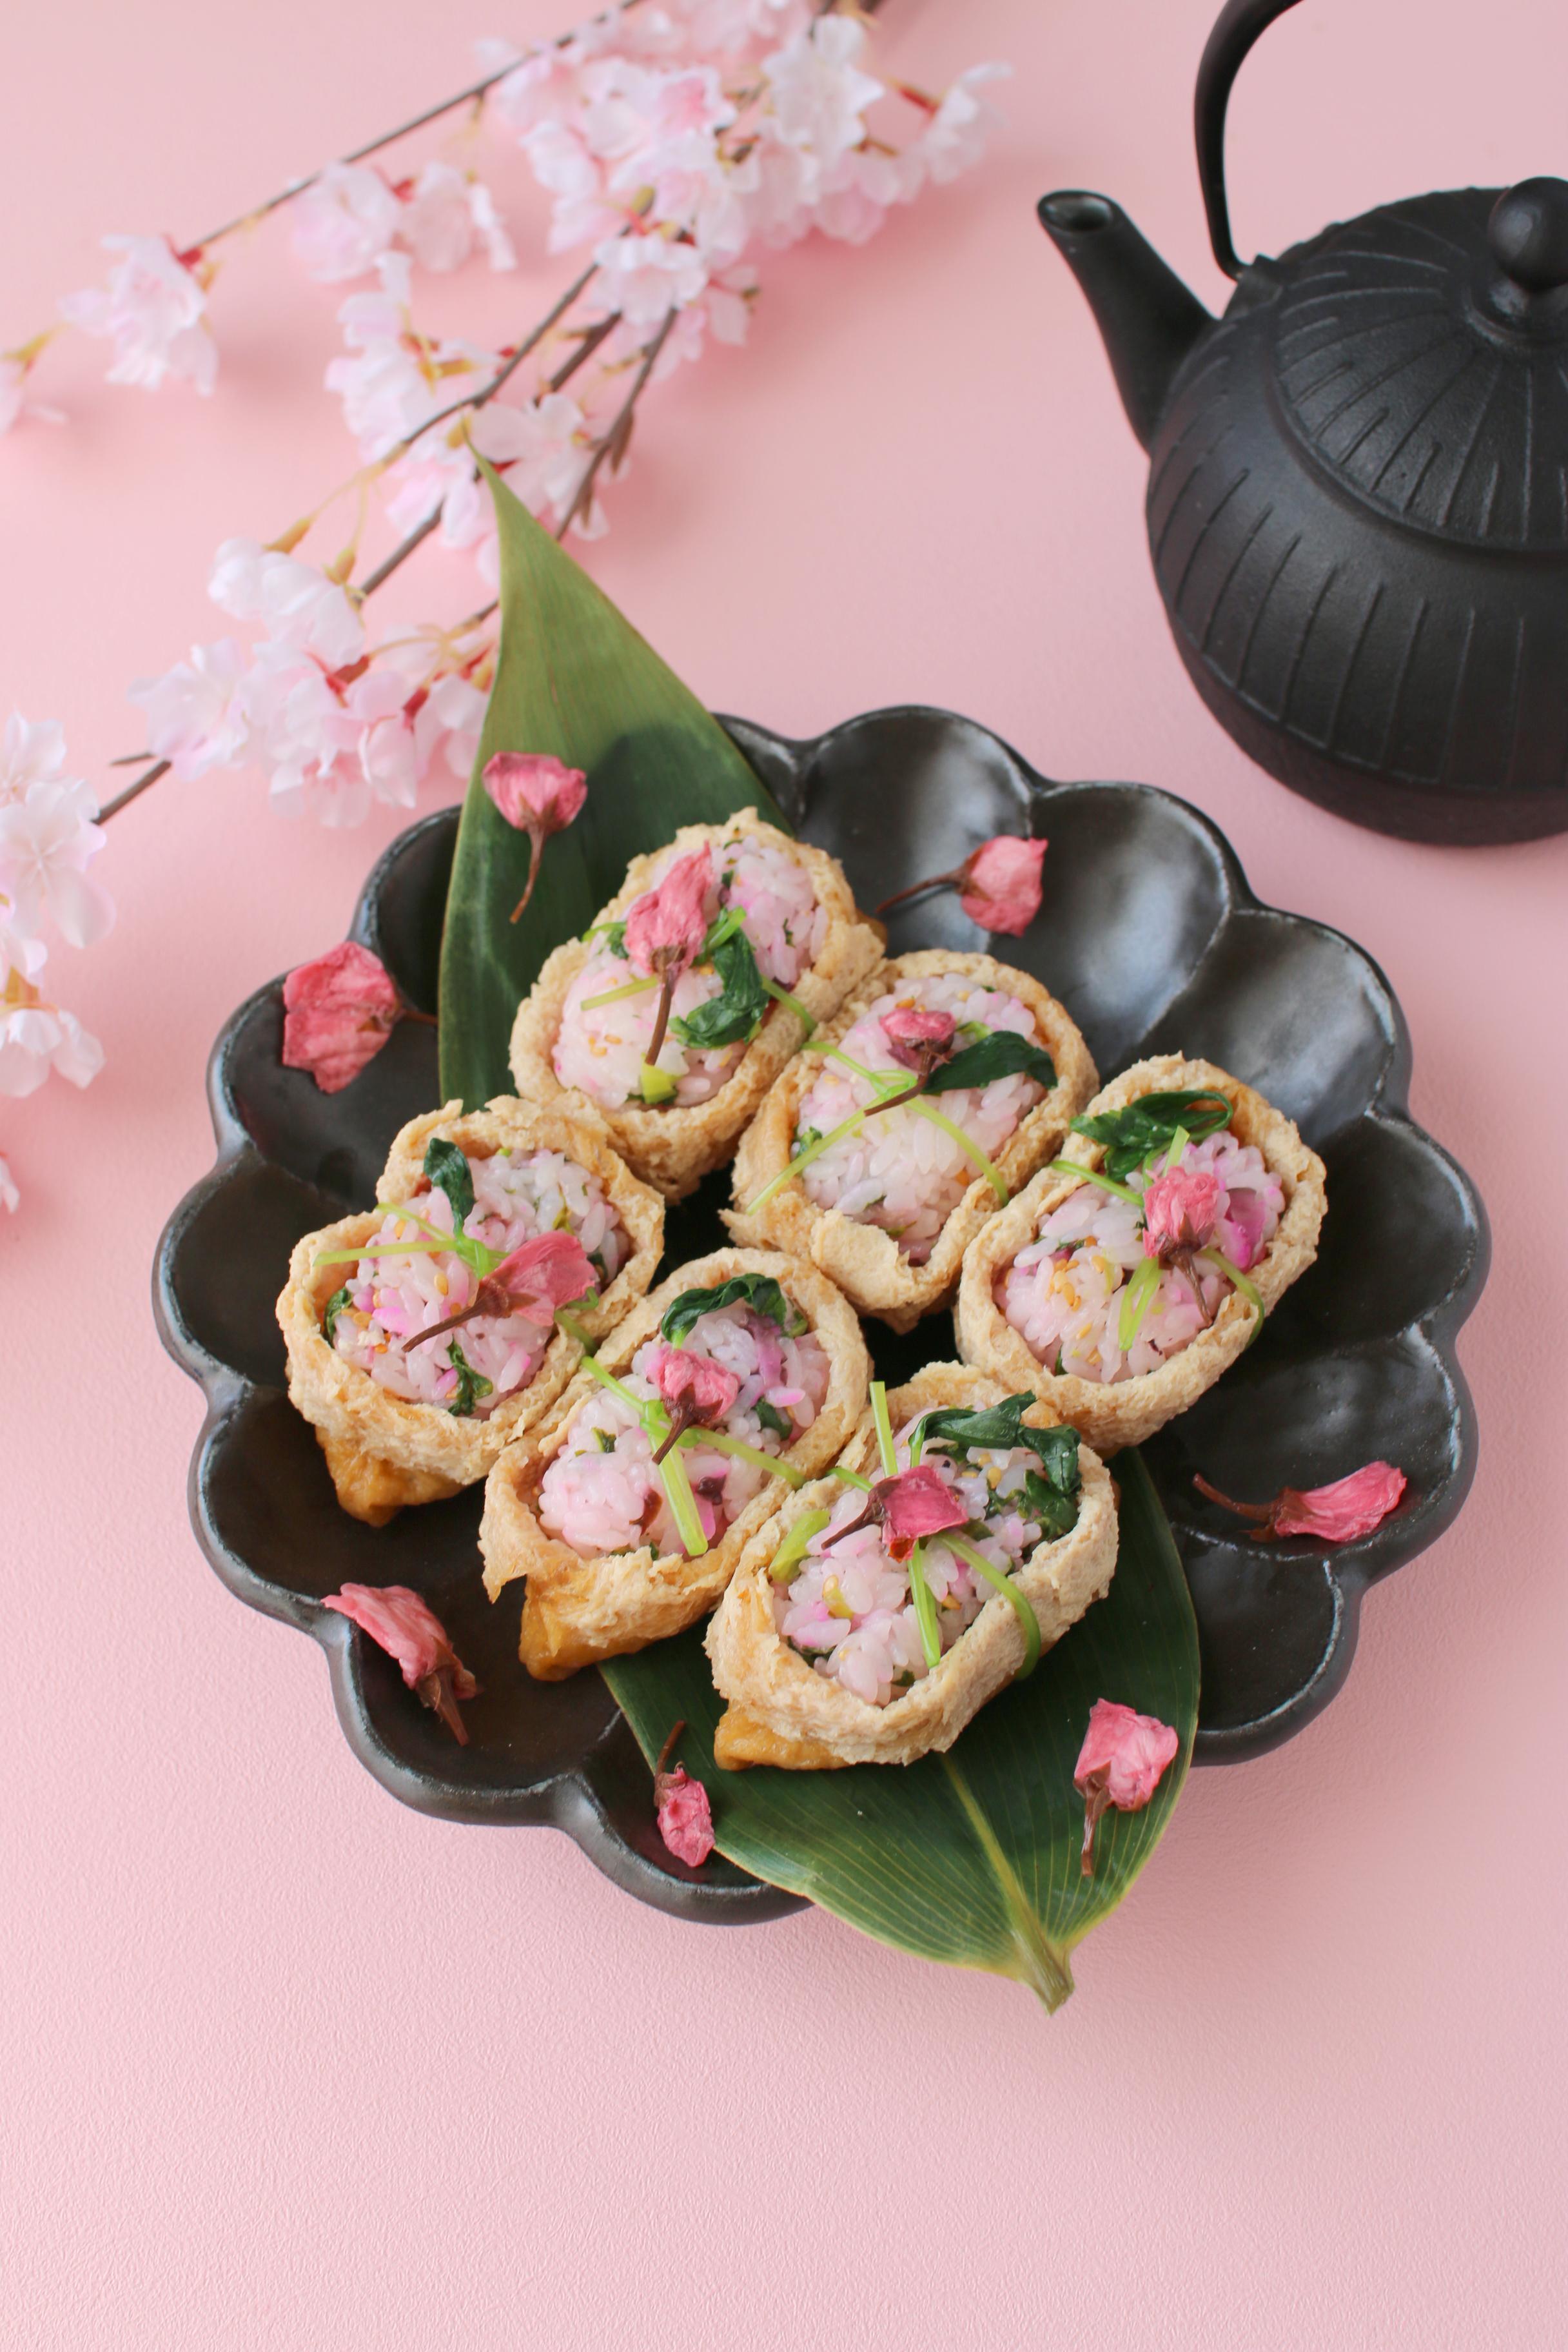 お花見に♪簡単!桜いなり寿司 , おうちで楽しむ♪vivianの手づくりおかずと手仕事 レシピブログ , 料理ブログのレシピ満載!